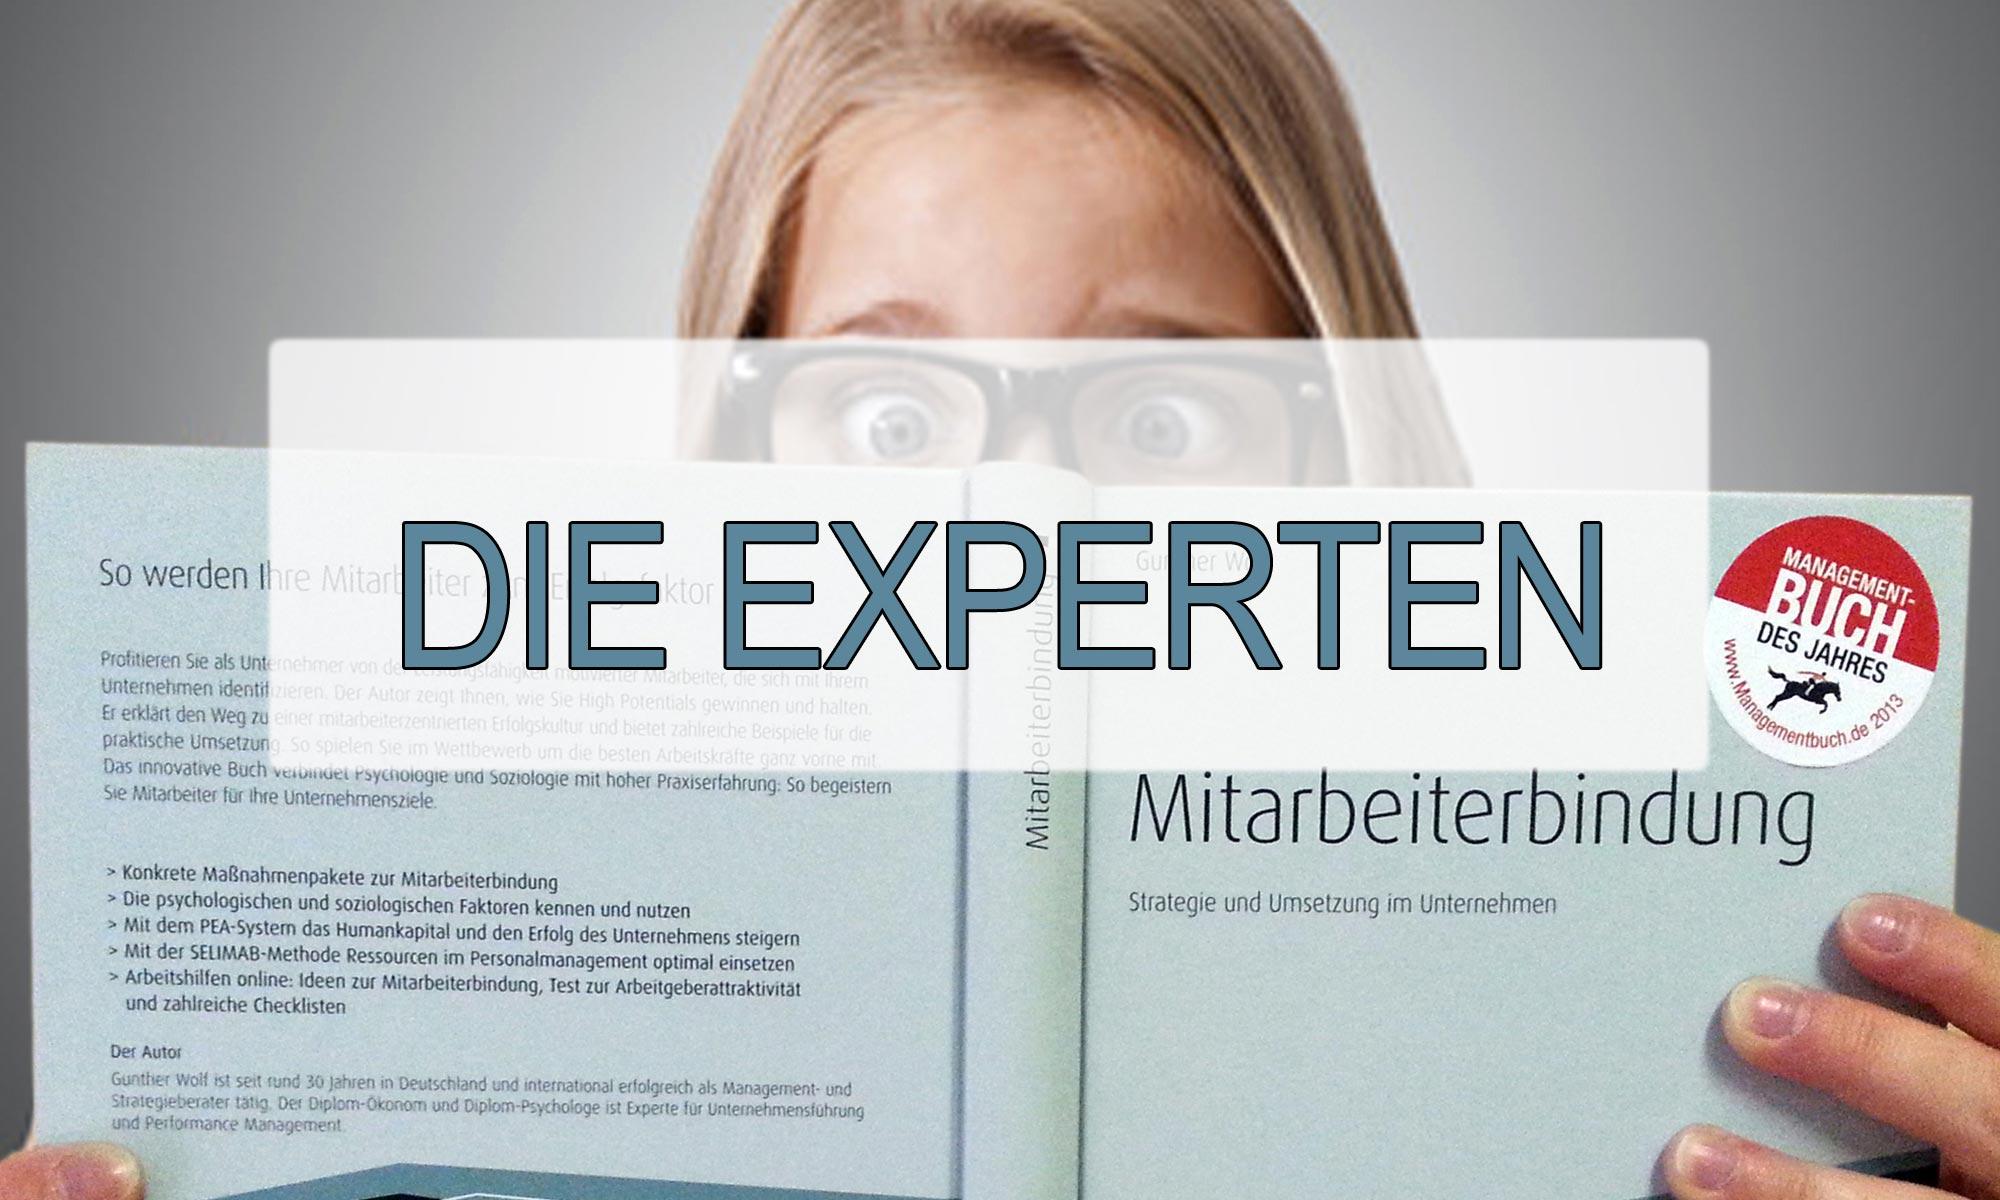 Experten Mitarbeiterbindung